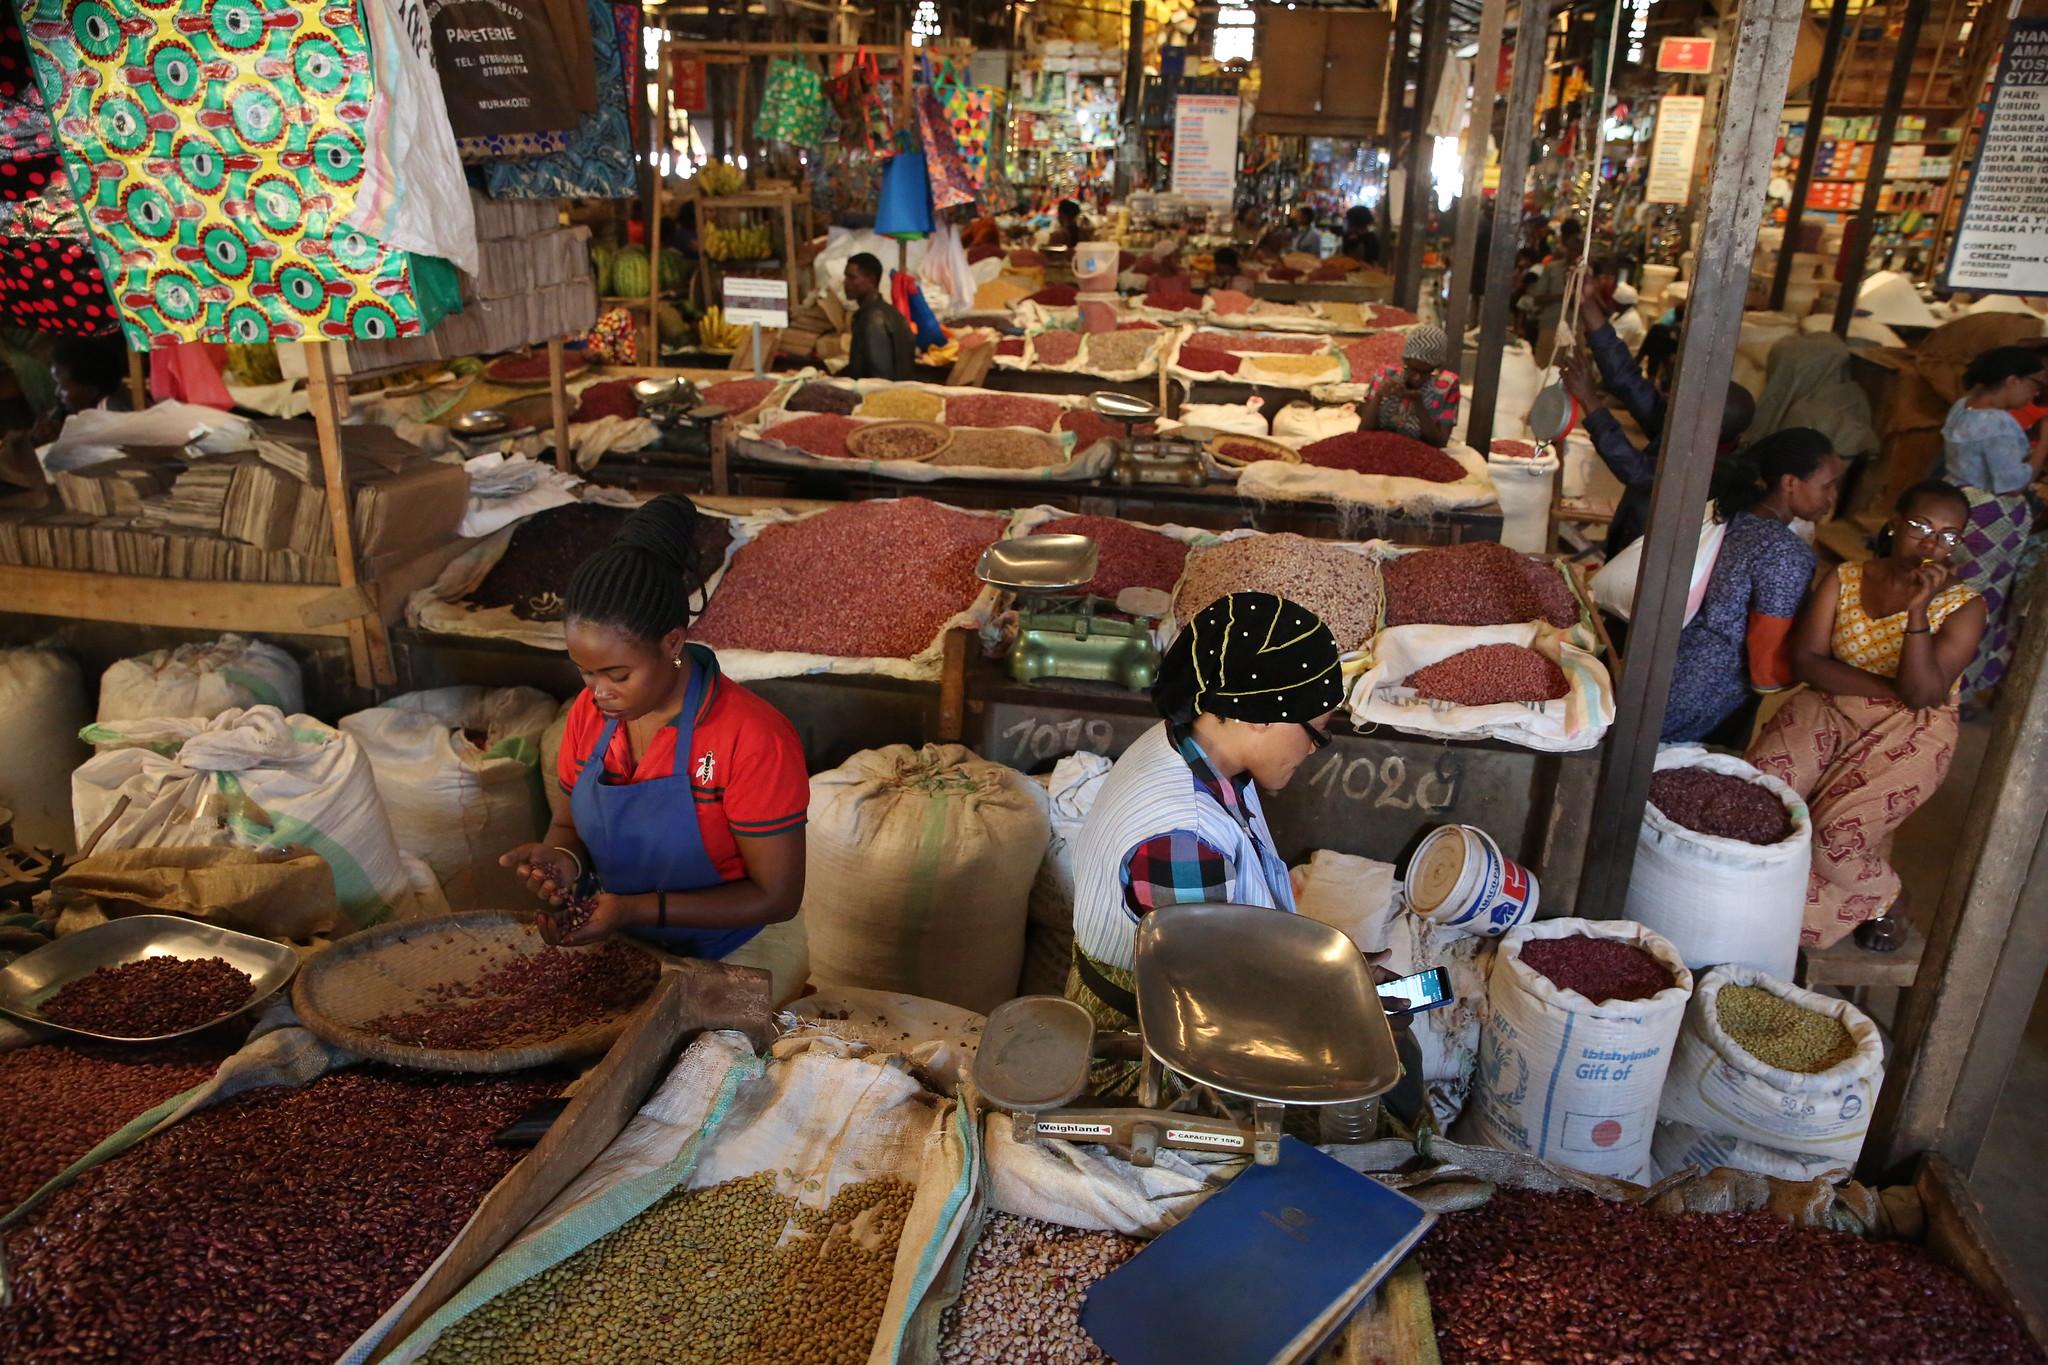 Food market in Kenya, photo by Neil Palmer